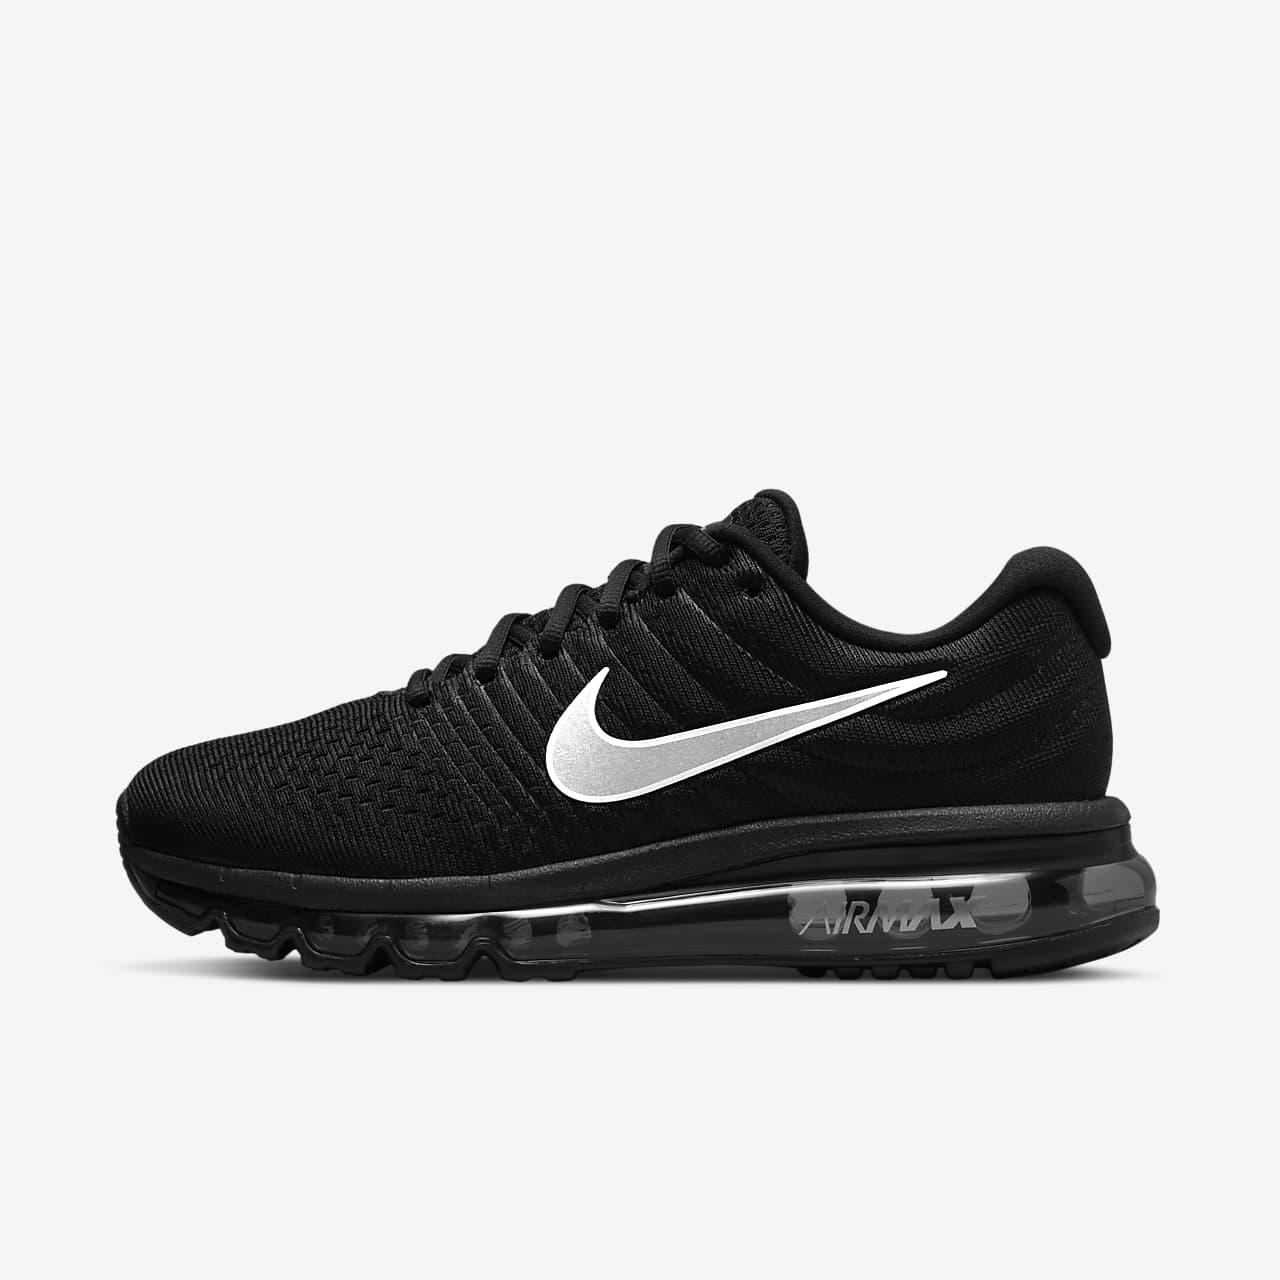 hot sale online 38d67 fda34 ... Nike Air Max 2017 Kadın Ayakkabısı